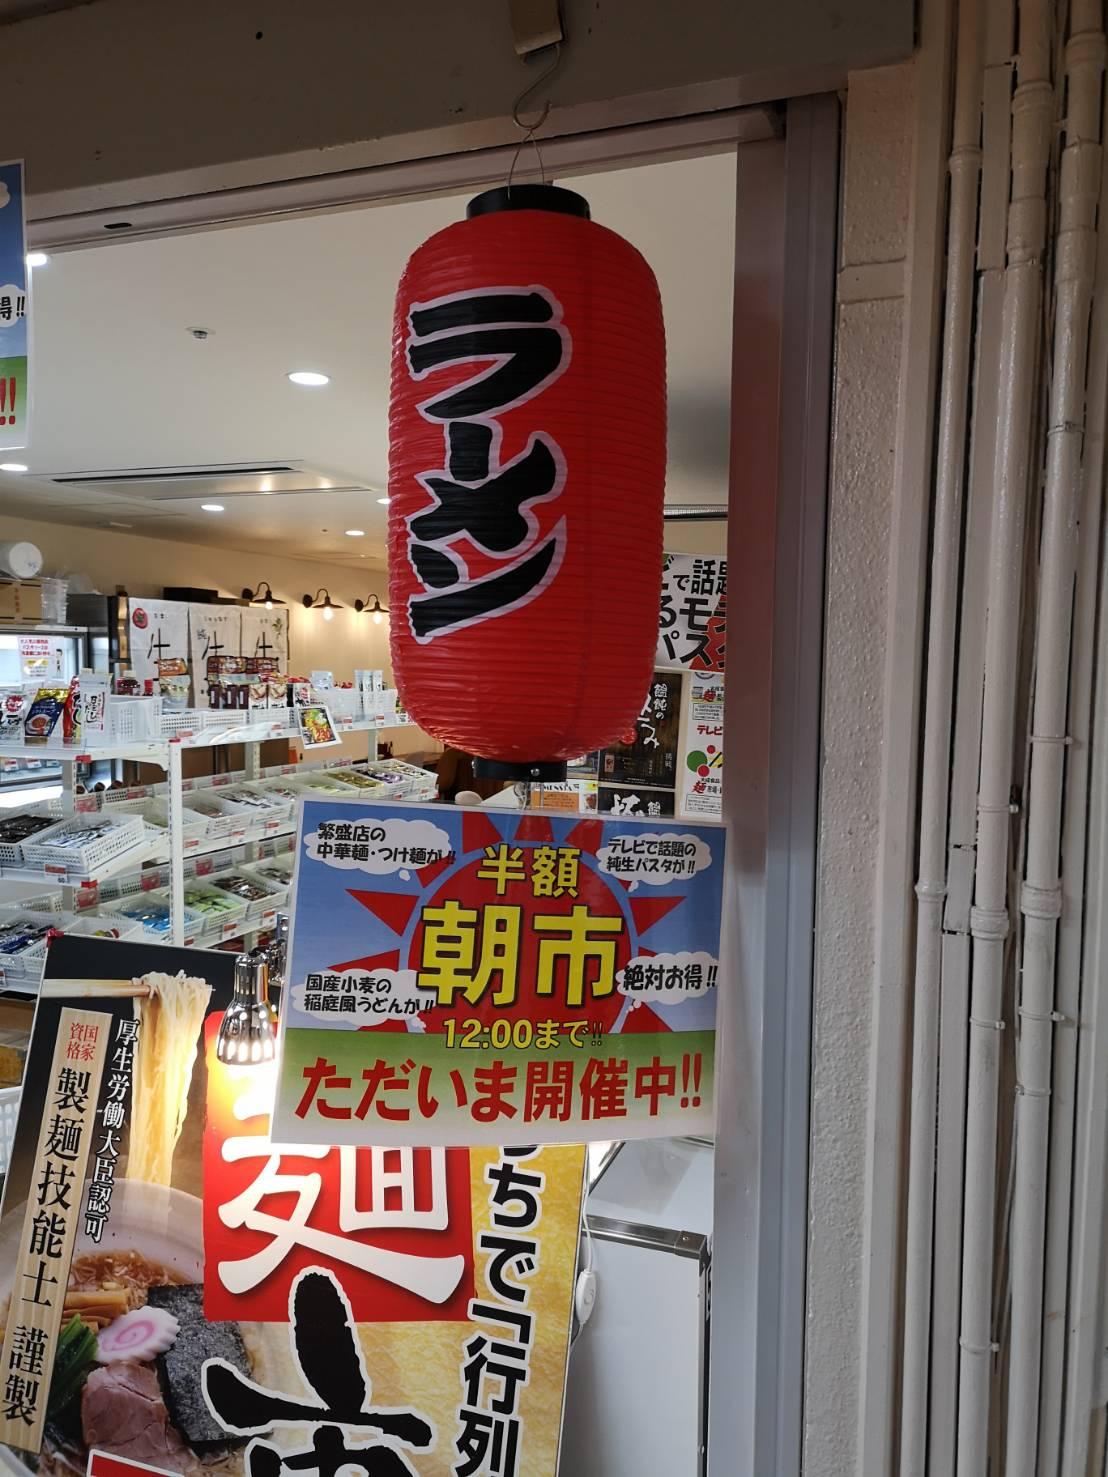 麺テイスティング・カフェショップ MENSTA朝市ちょうちん